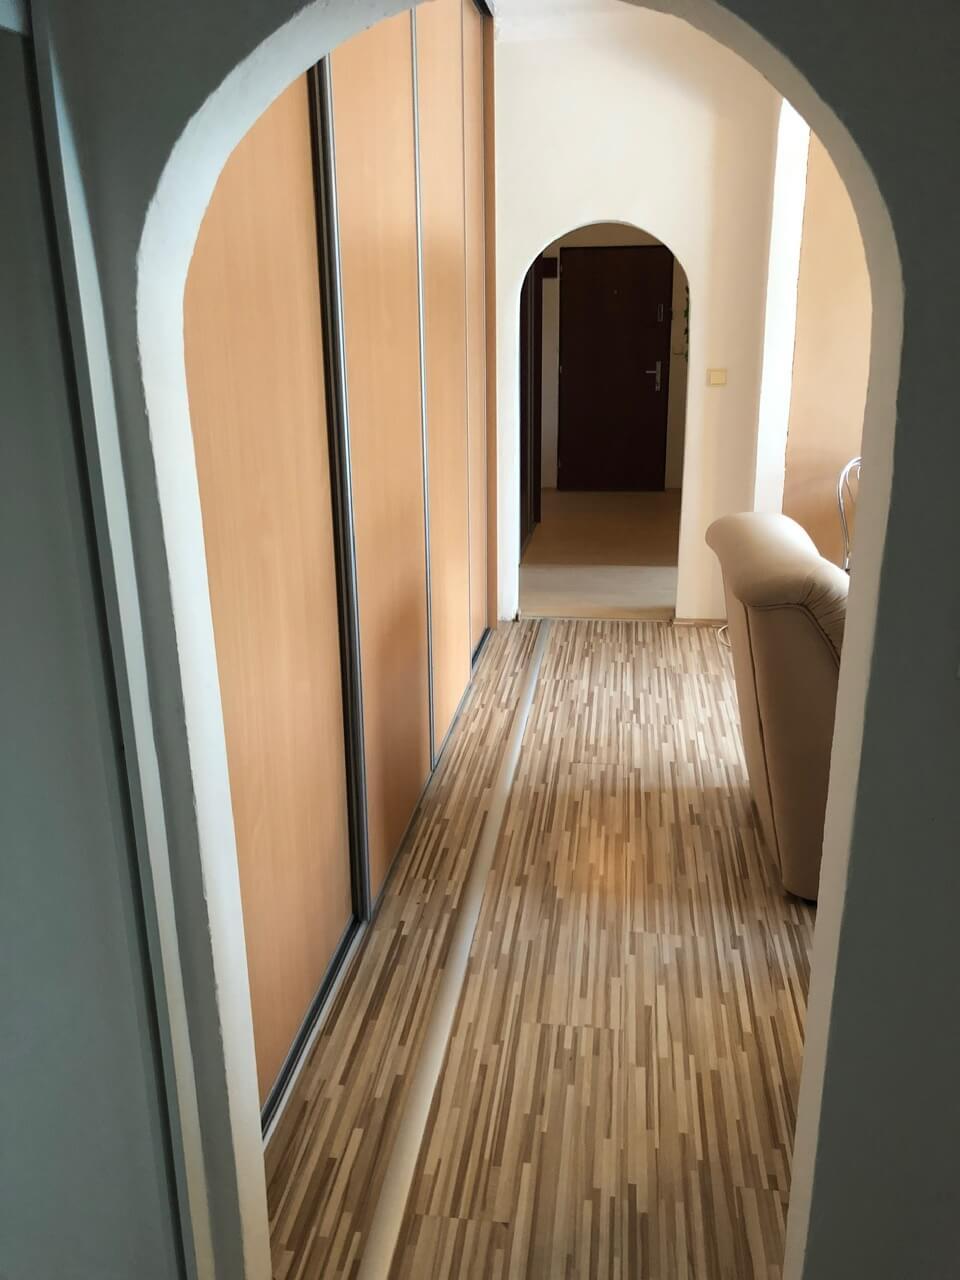 Prenajatý: 3 izbový byt, Račianska 85, 63m2, balkon 10m2, výborná lokalita-25